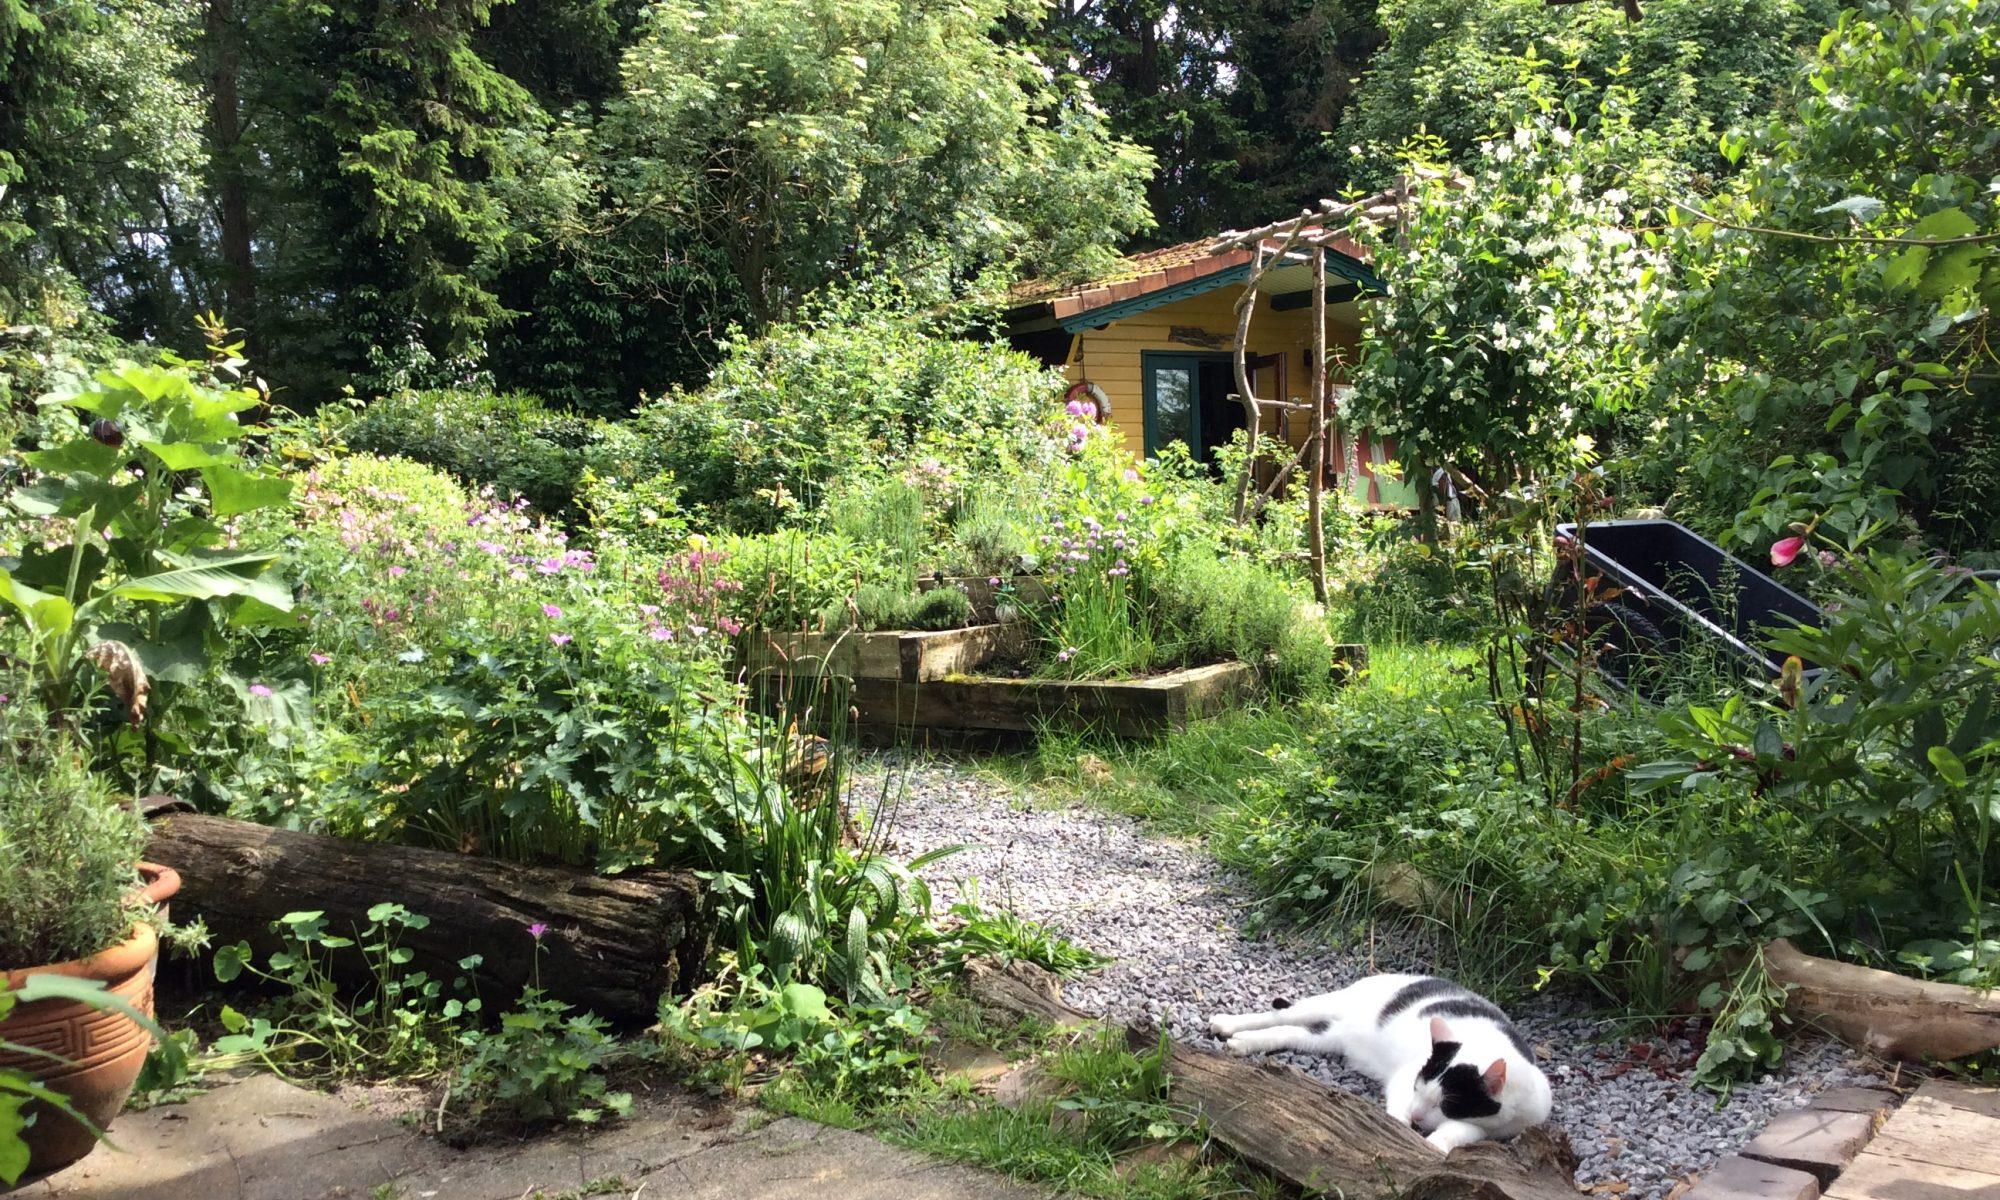 Imkes Gluecksgarten